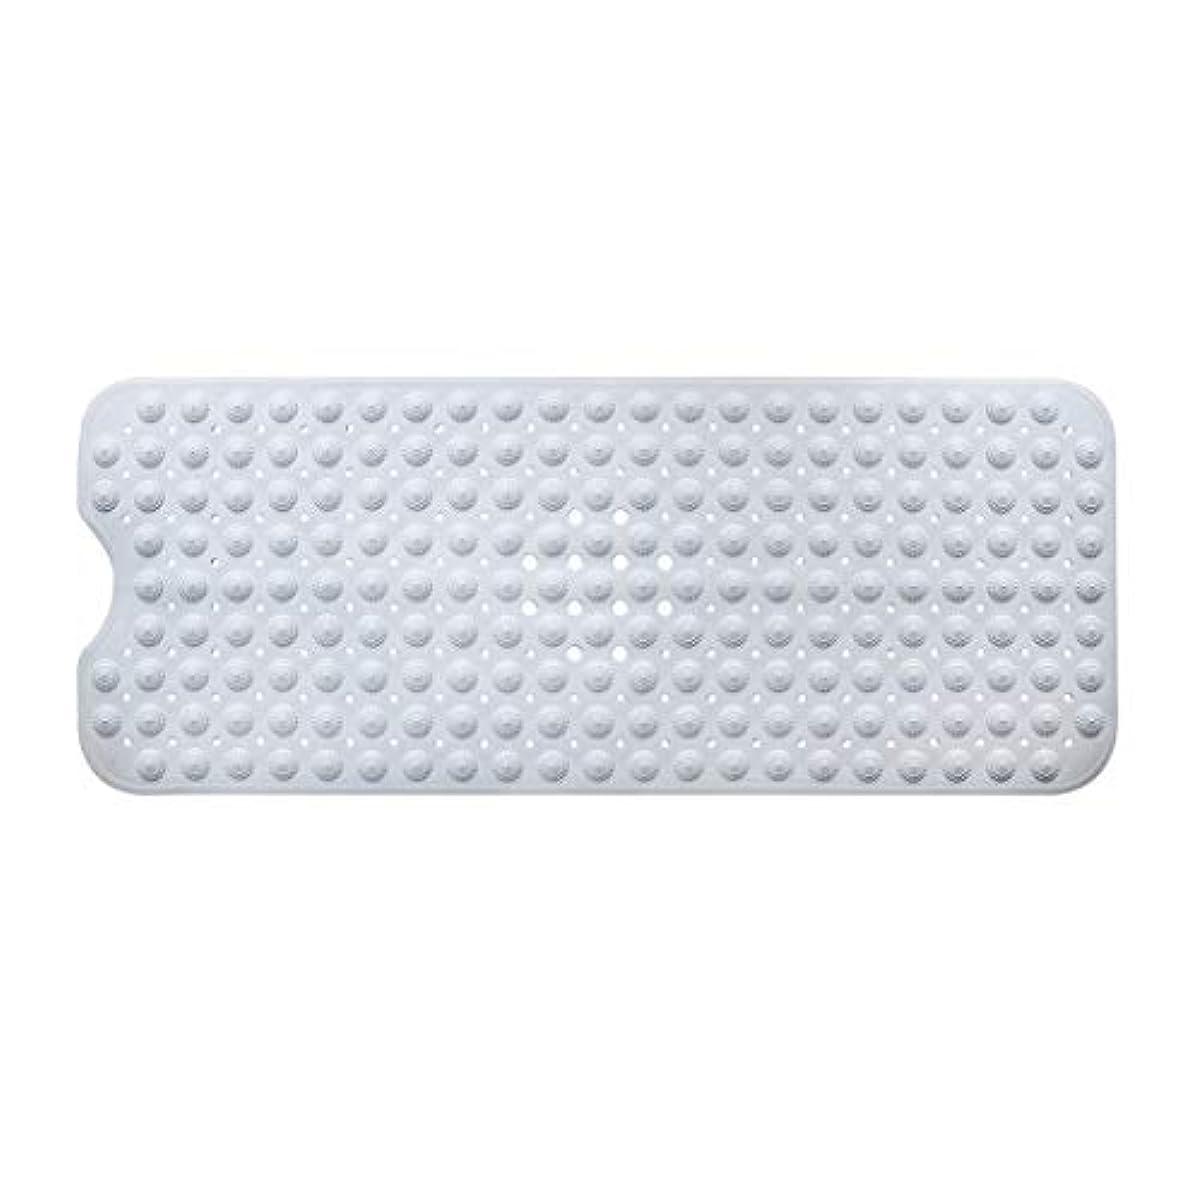 永久にラッドヤードキップリングバイオリニストSwiftgood エクストラロングバスタブマットカビ抵抗性滑り止めバスマット洗濯機用浴室用洗えるPVCシャワーマット15.7